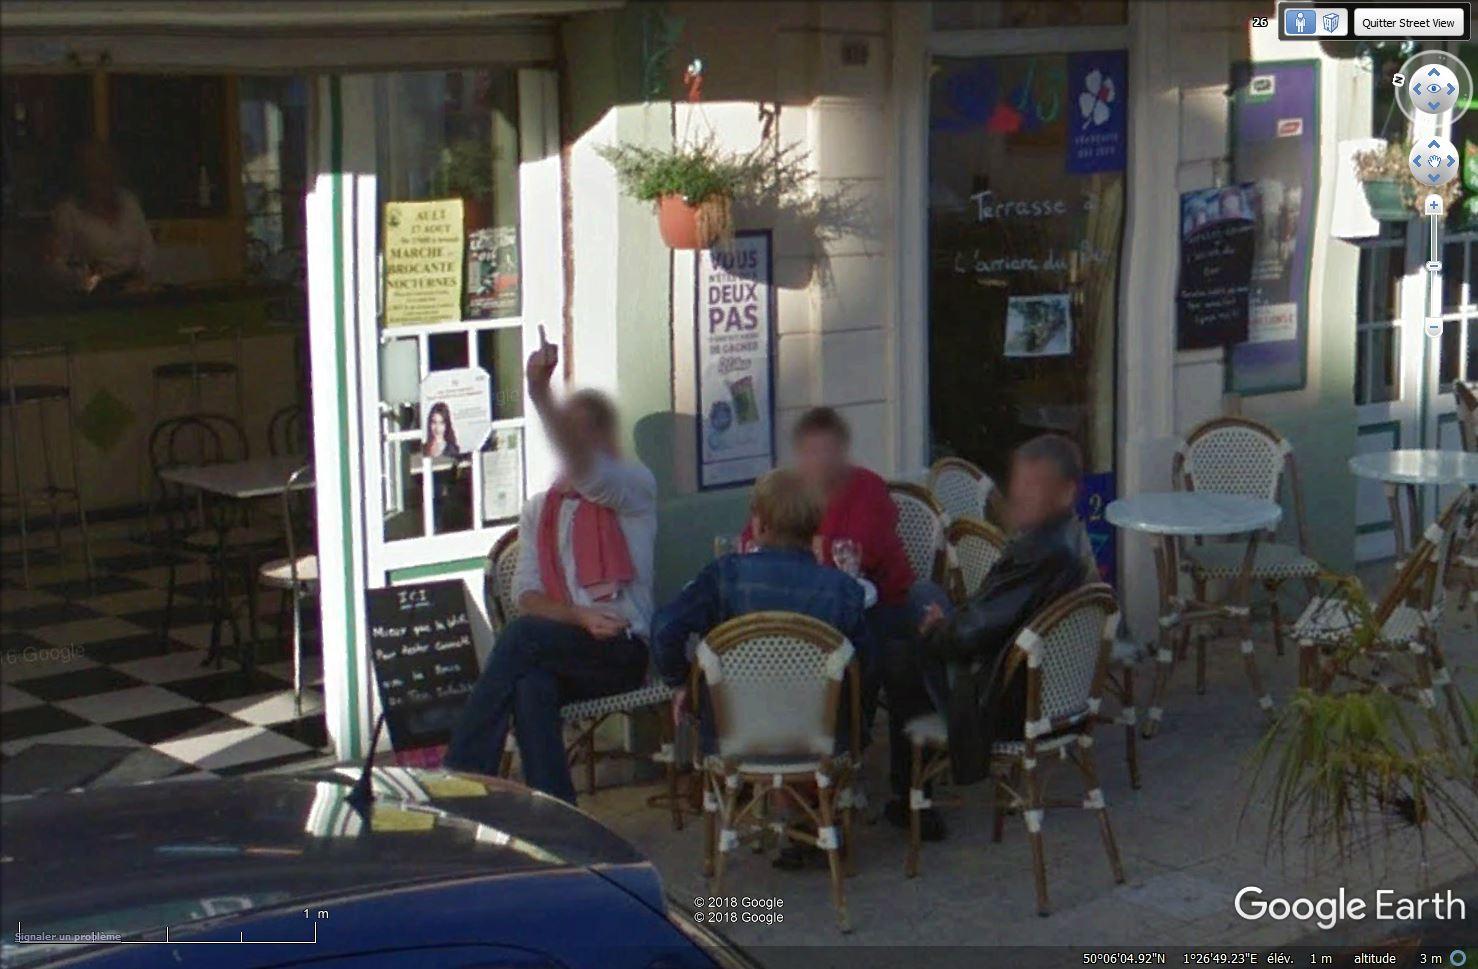 STREET VIEW : quand la Google Car attise l'obscénité - Page 3 Tsge_015